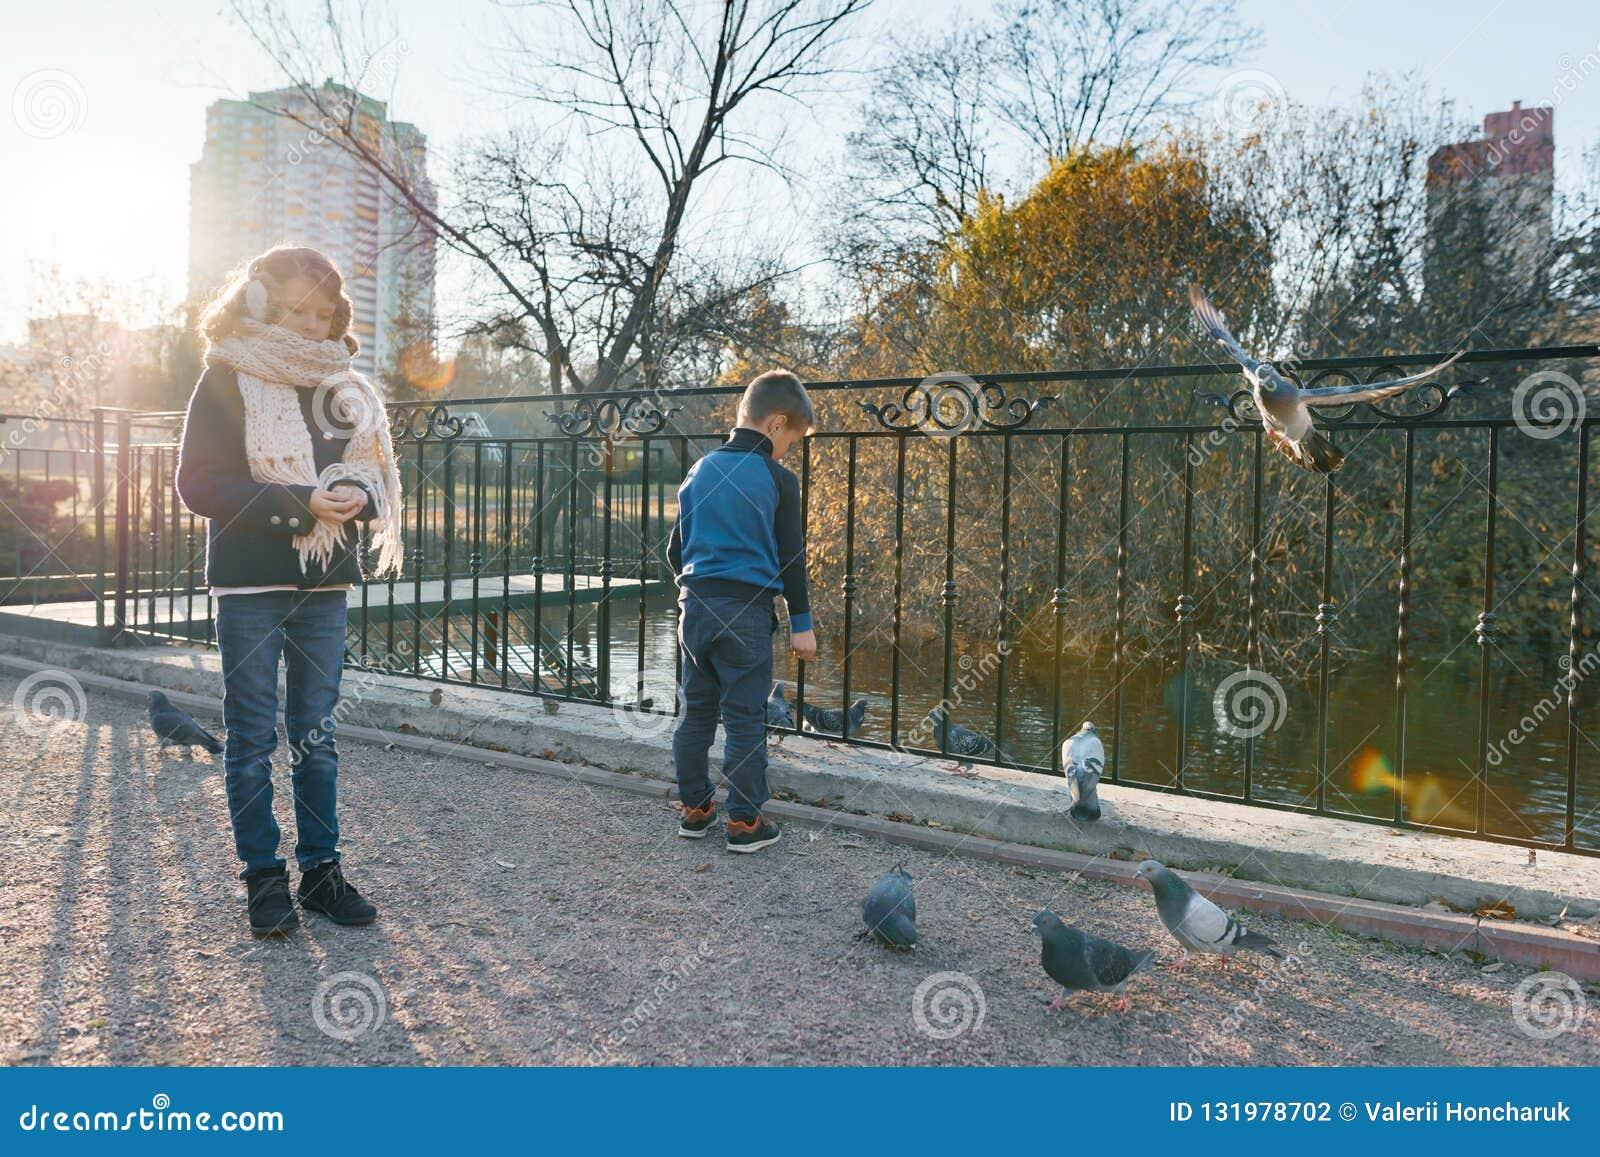 Дети кормят птиц в парке, мальчиков и девушки кормят голубей, воробьев и уток в пруде, солнечном дне в осени